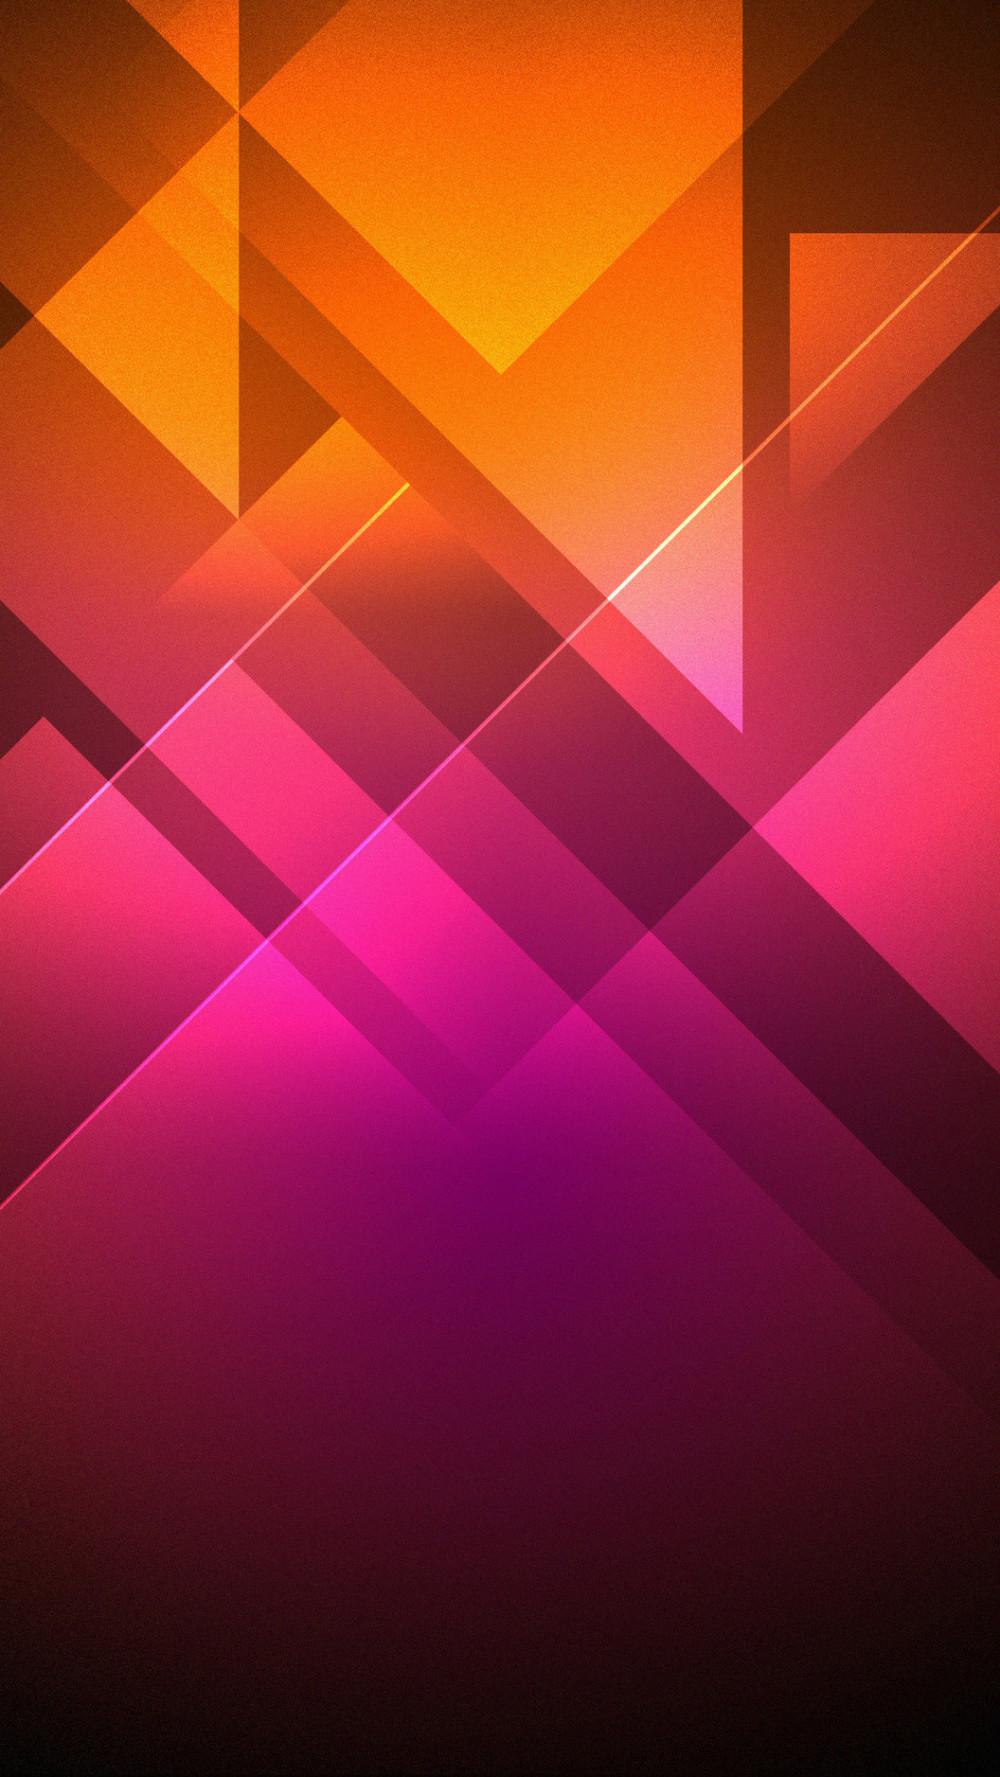 Ipad Mini Wallpapers Gadgetmac